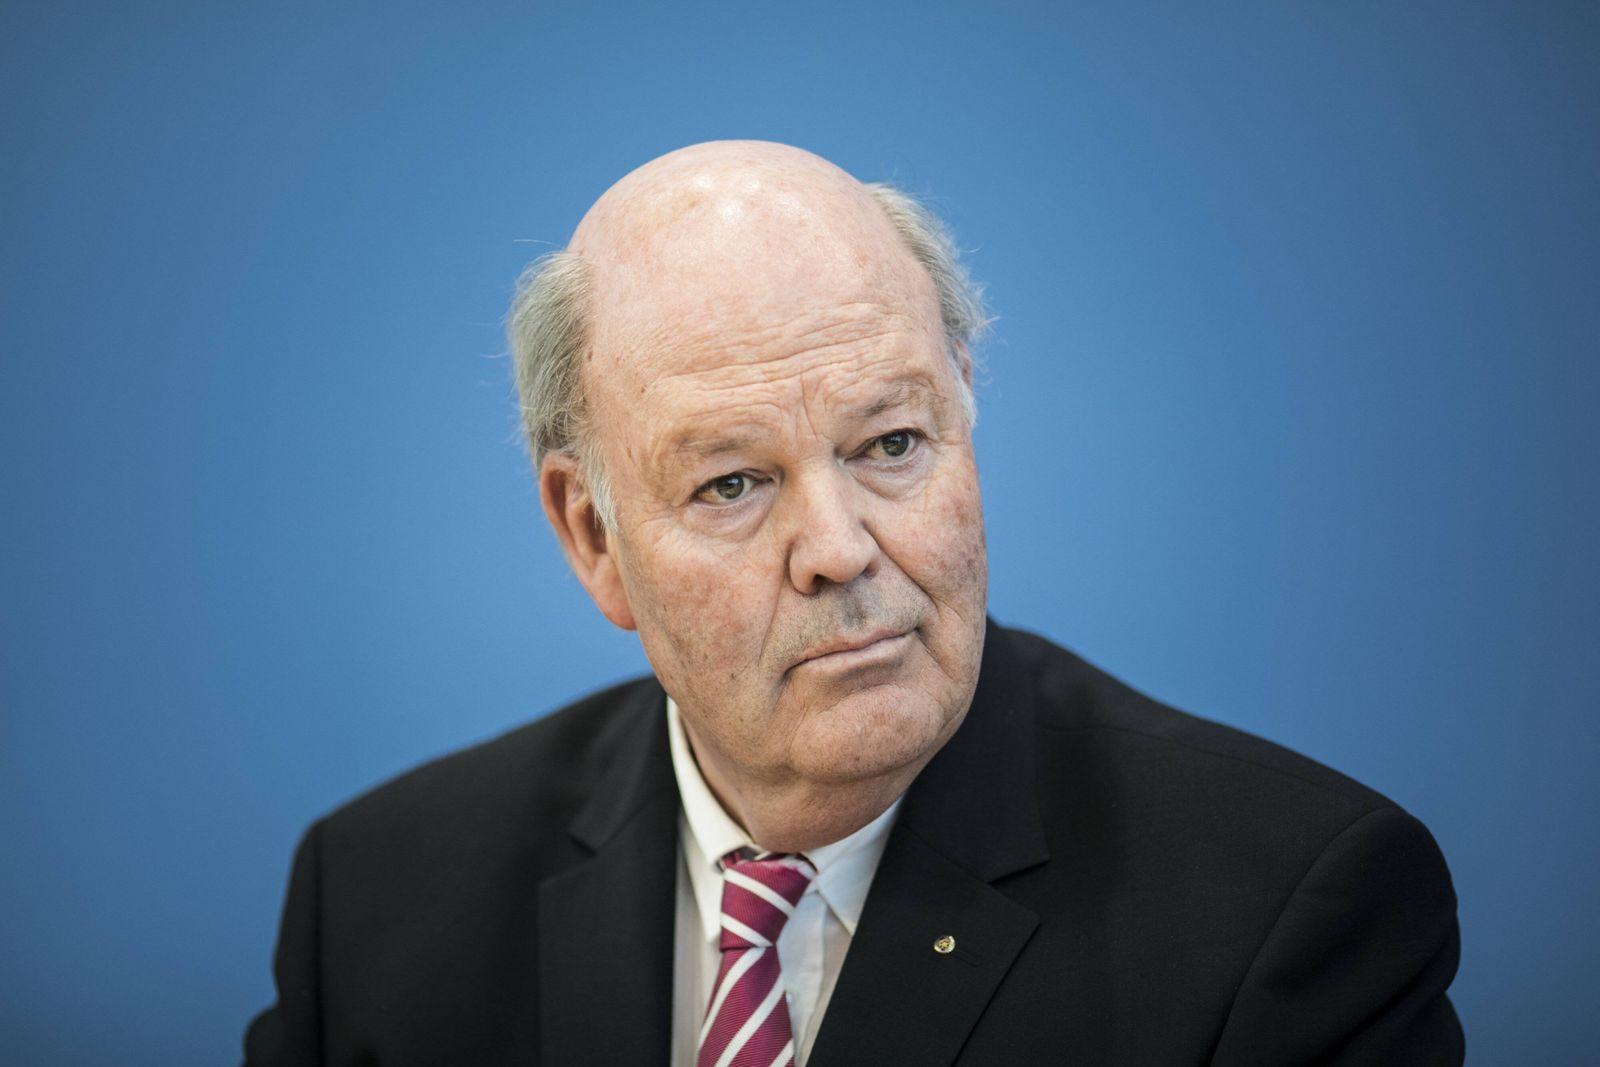 Hans Joachim Grote IMK Vorsitzender und Innenminister des Landes Schleswig Holstein aufgenommen im